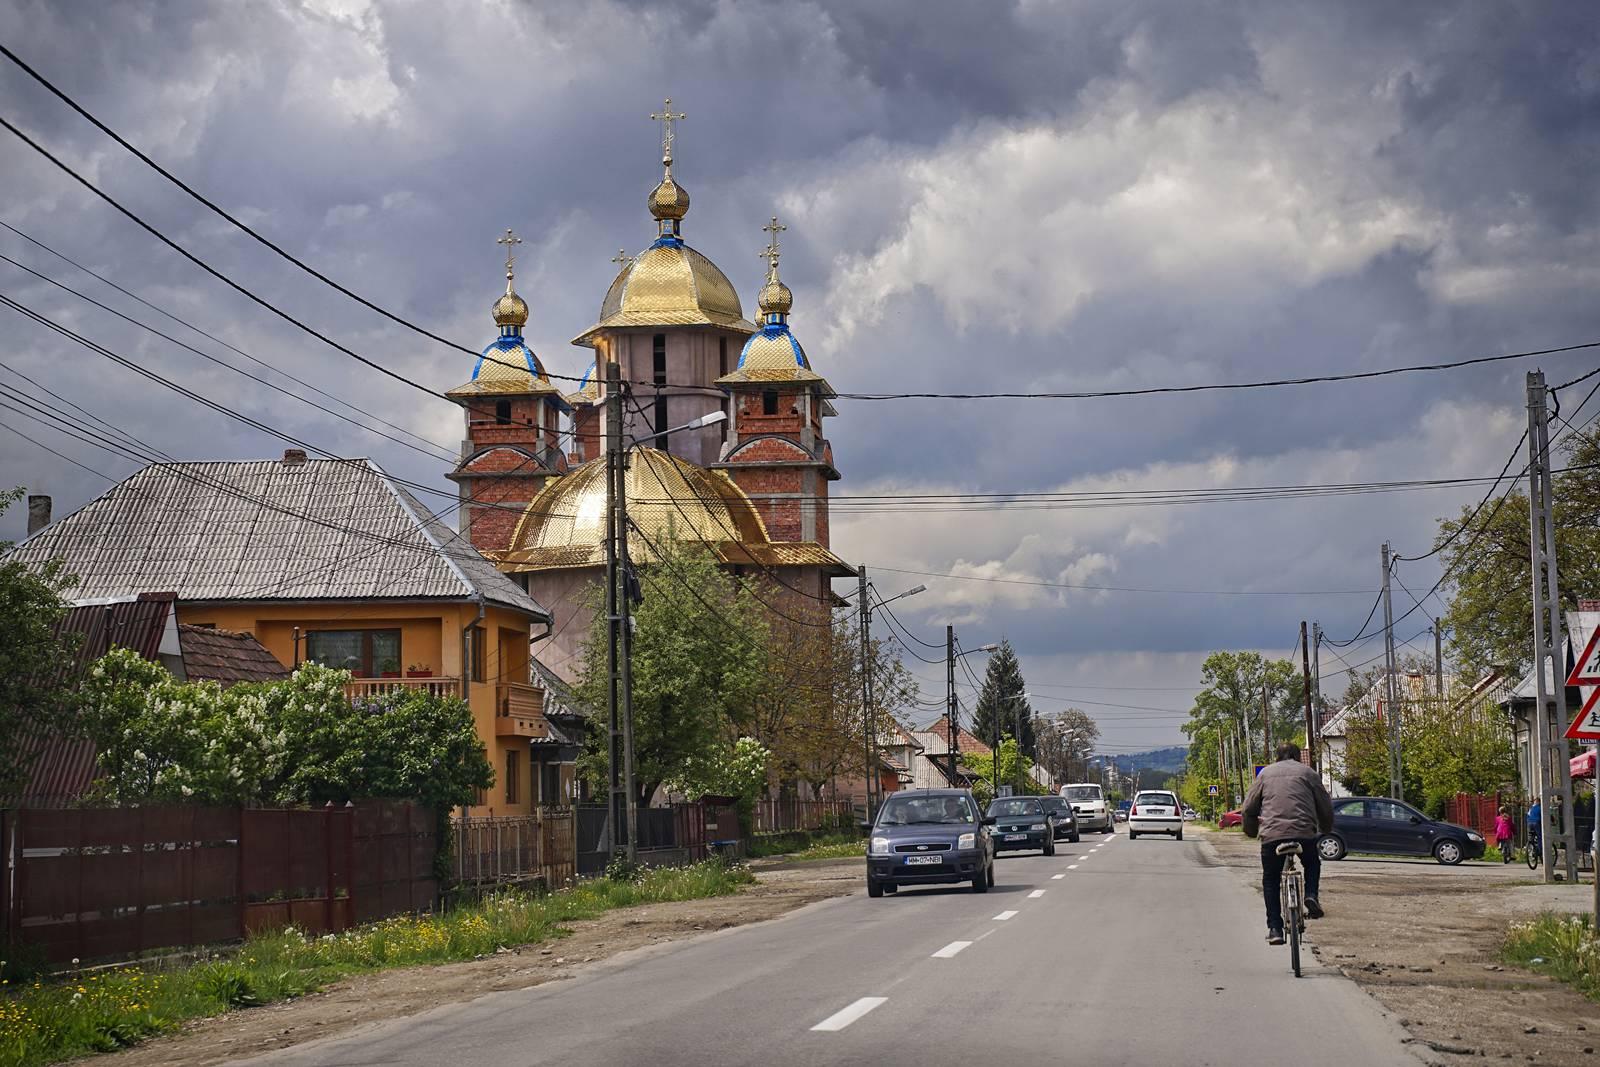 maramuresz drogi samchodem do mołdawii road trip po europie wschodniej